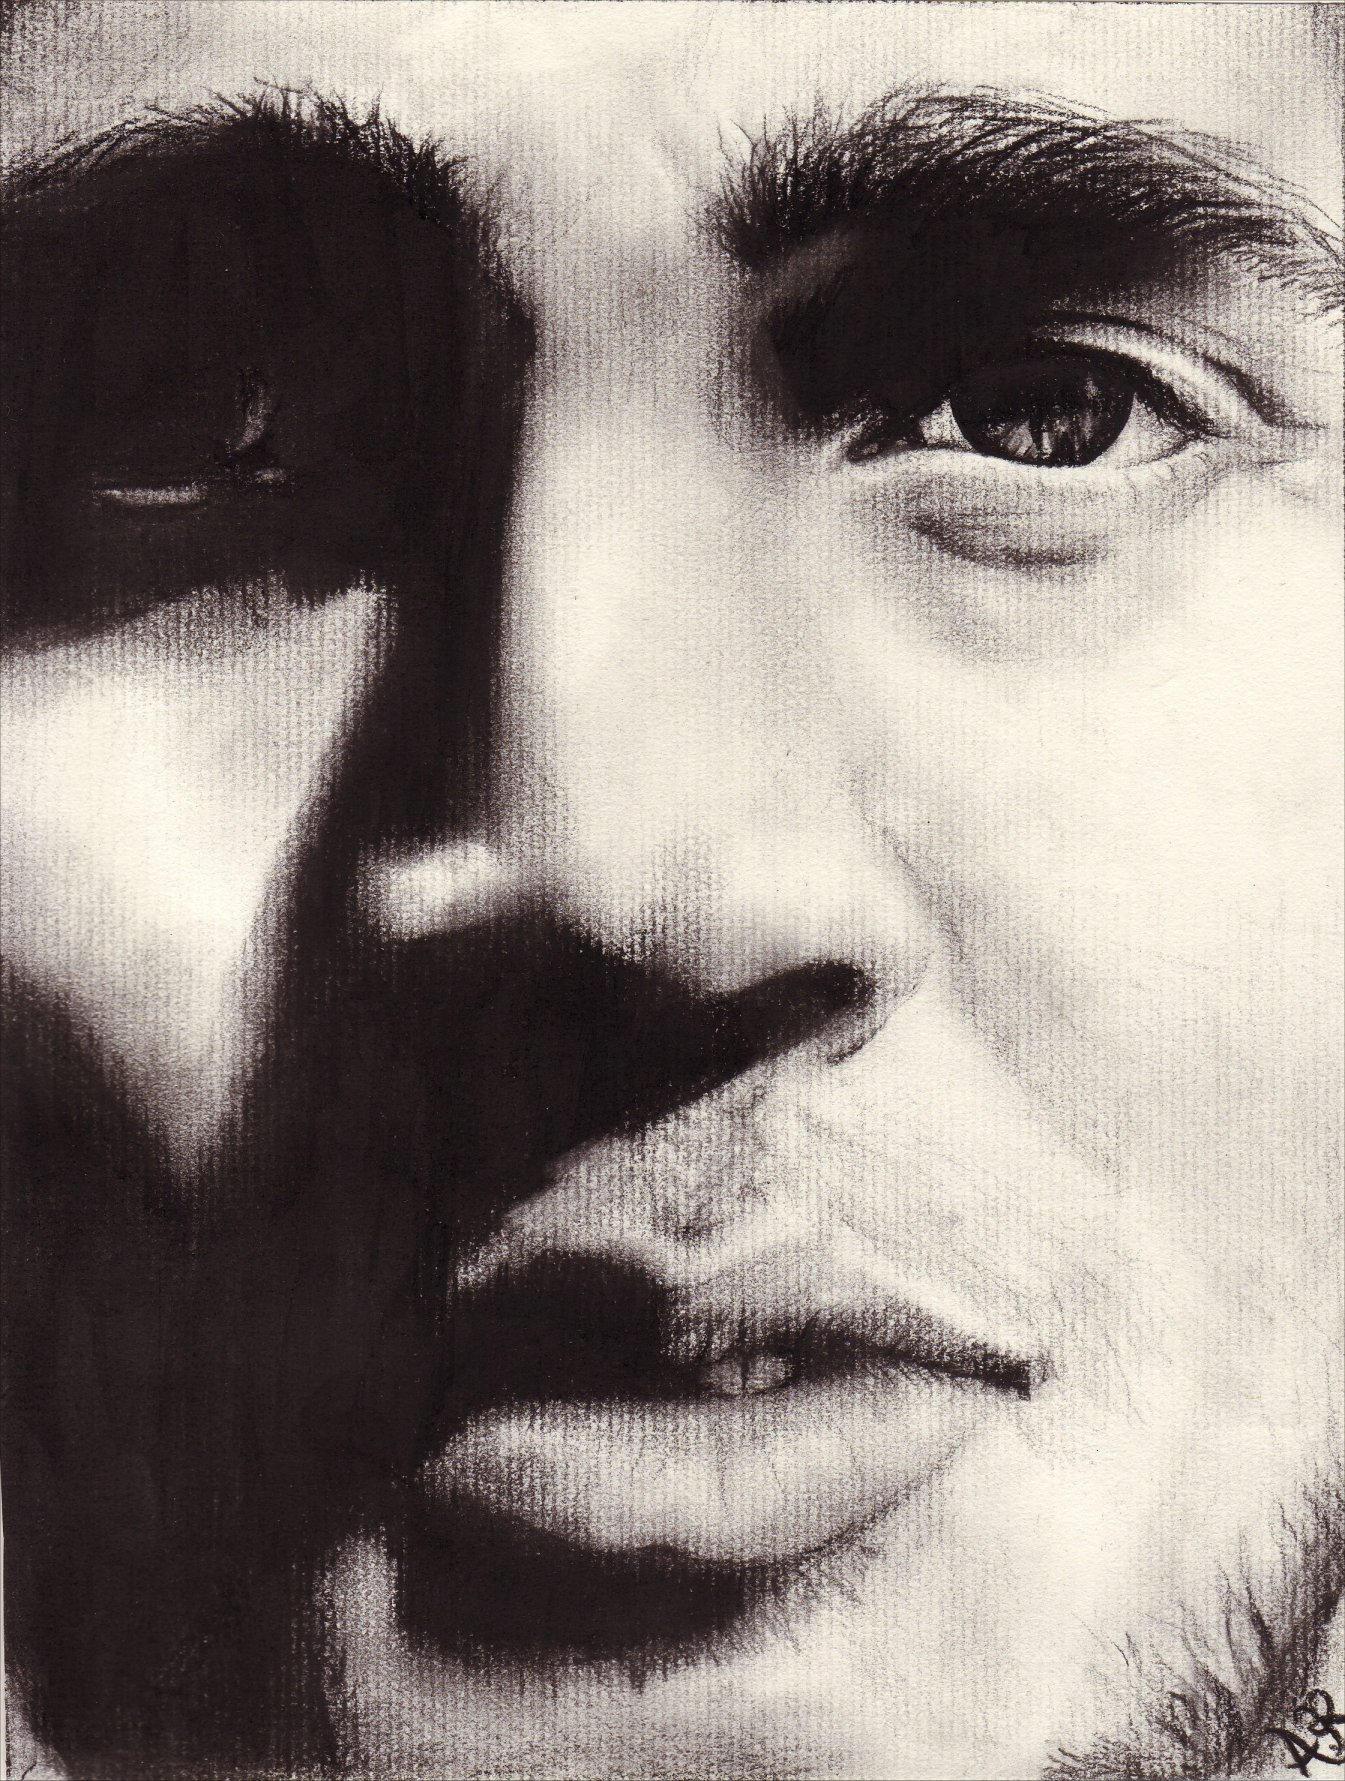 John Frusciante By Zephyr